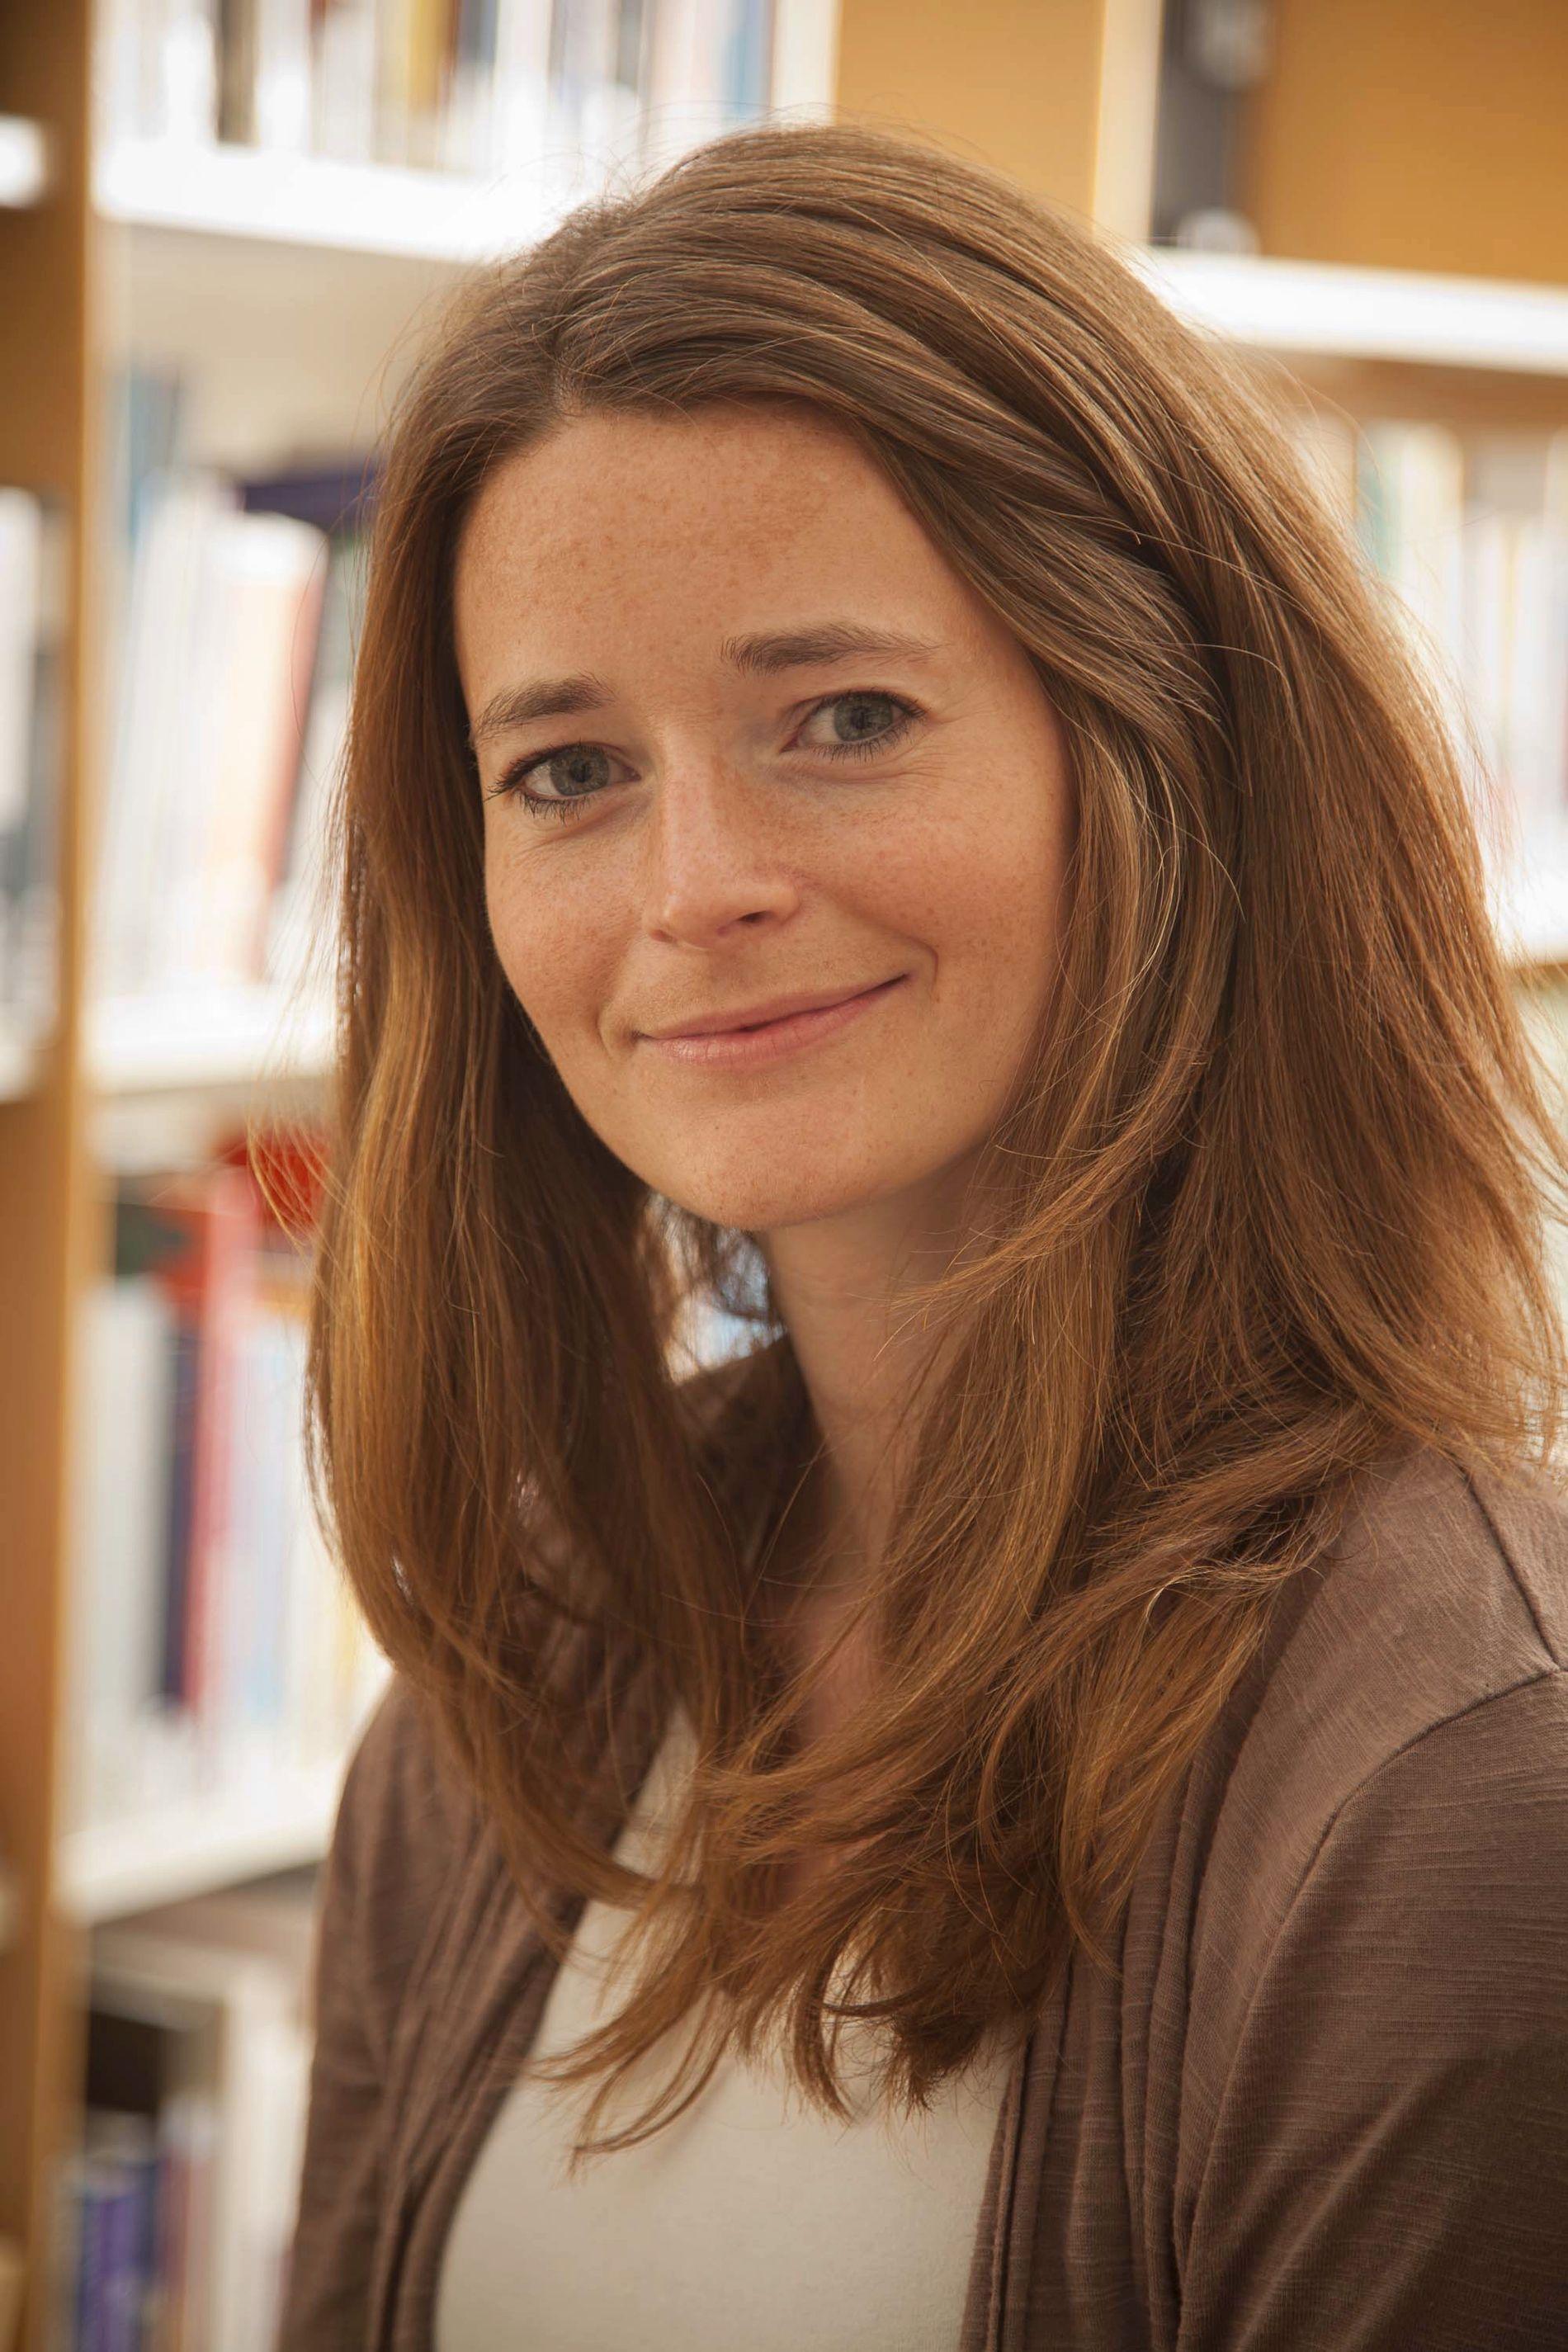 FORSKER: Psykolog og stipendiat Kristin Alver Glad ved Nasjonalt kunnskapssenter om vold og traumatisk stress (NKVTS) forsker sammen med ti kolleger på opplevelser og reaksjoner hos de som overlevde på Utøya. Hele prosjektet er ferdig i 2020.